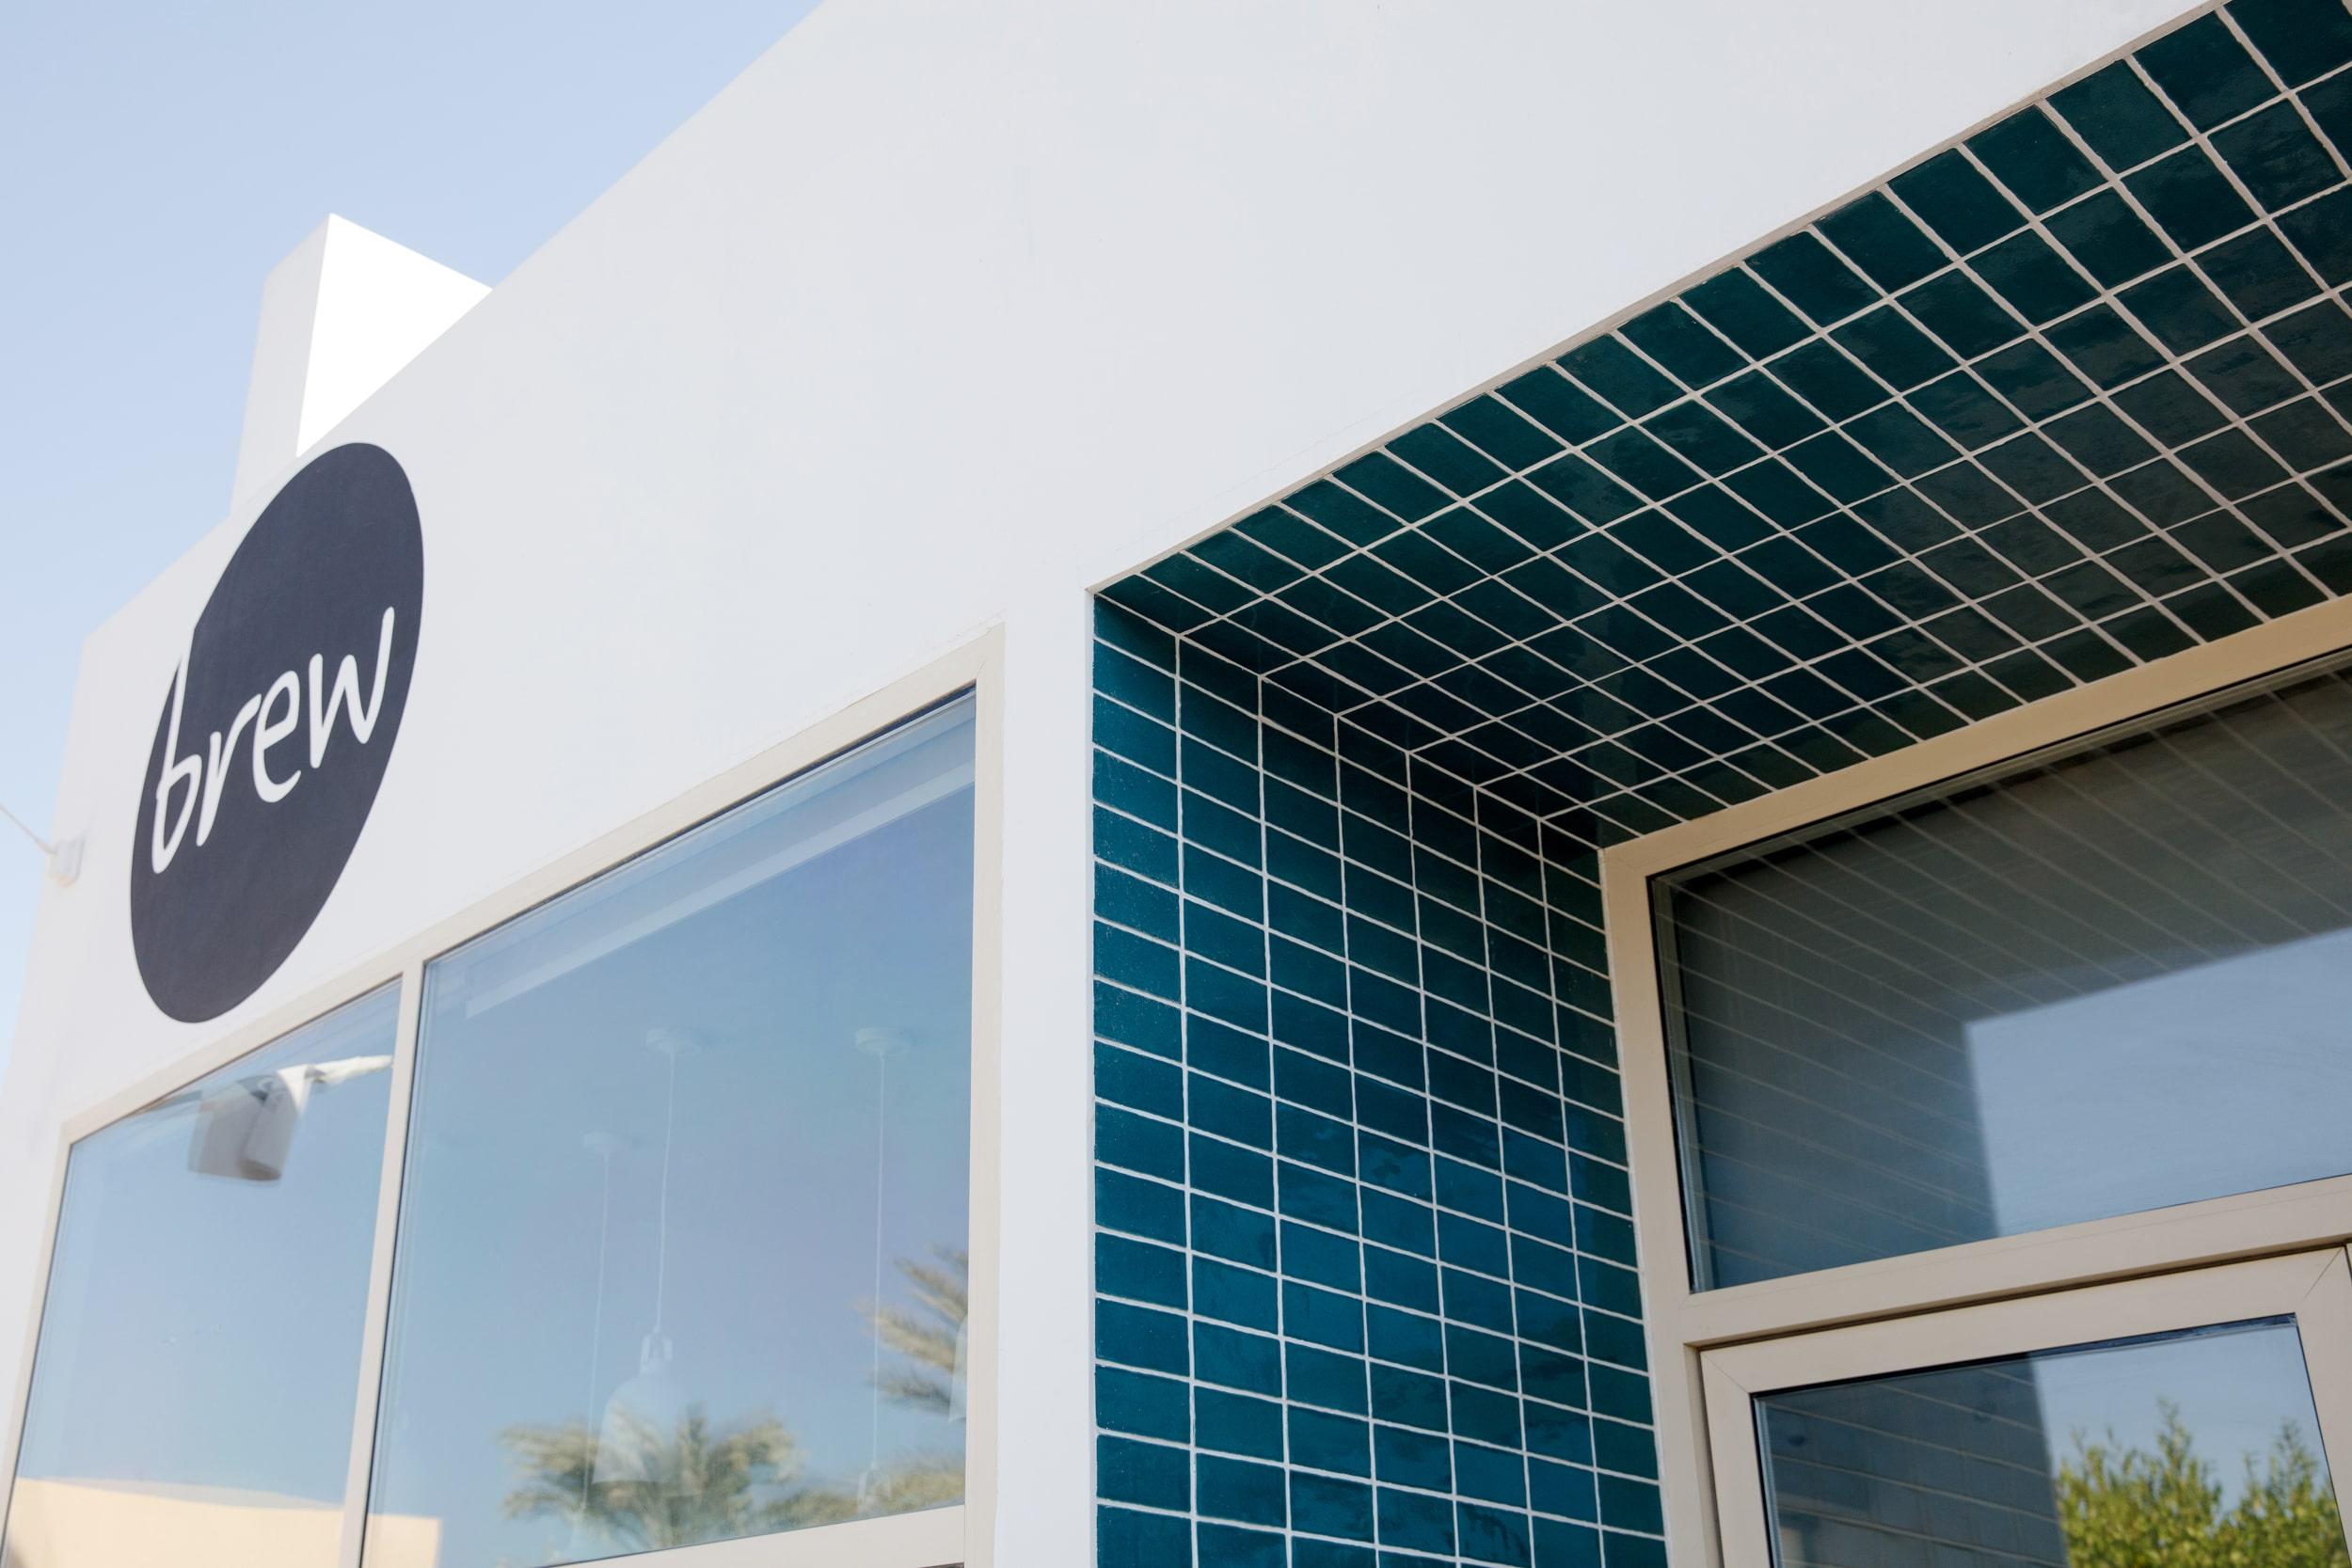 Brew-Interior Design Company in Dubai